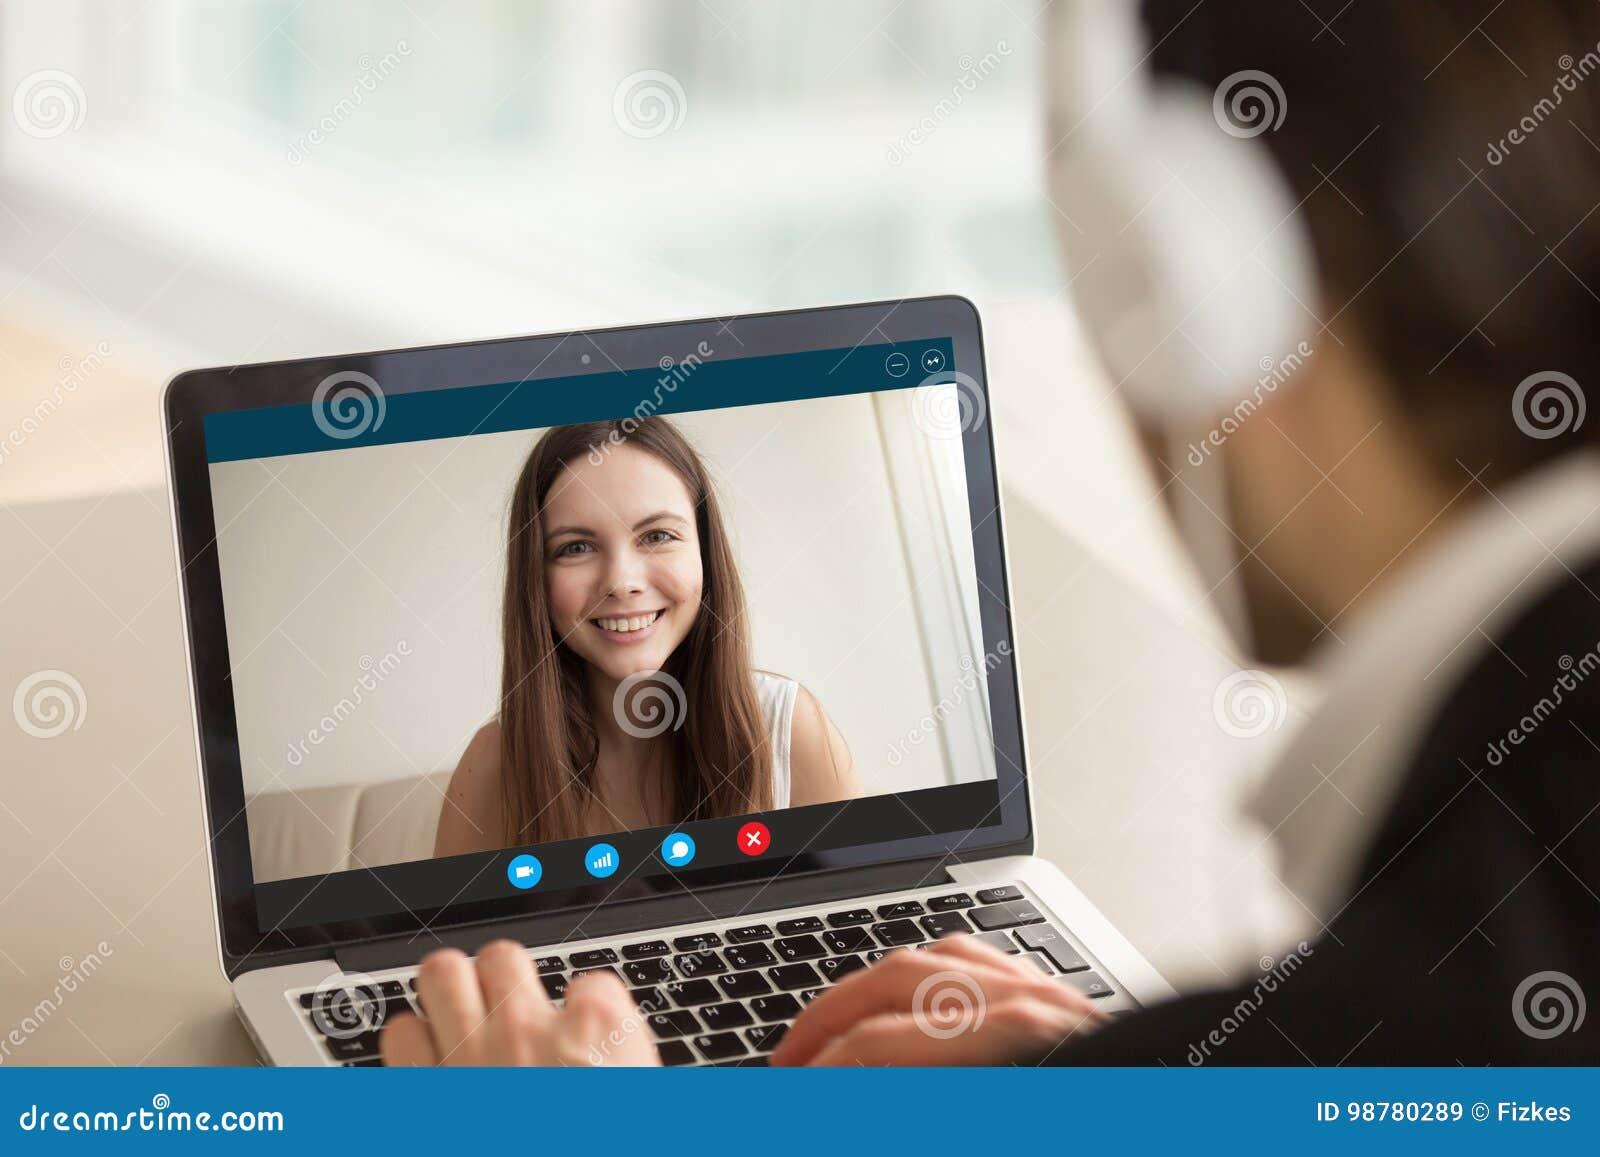 Was man Mädchen online datieren fragen soll